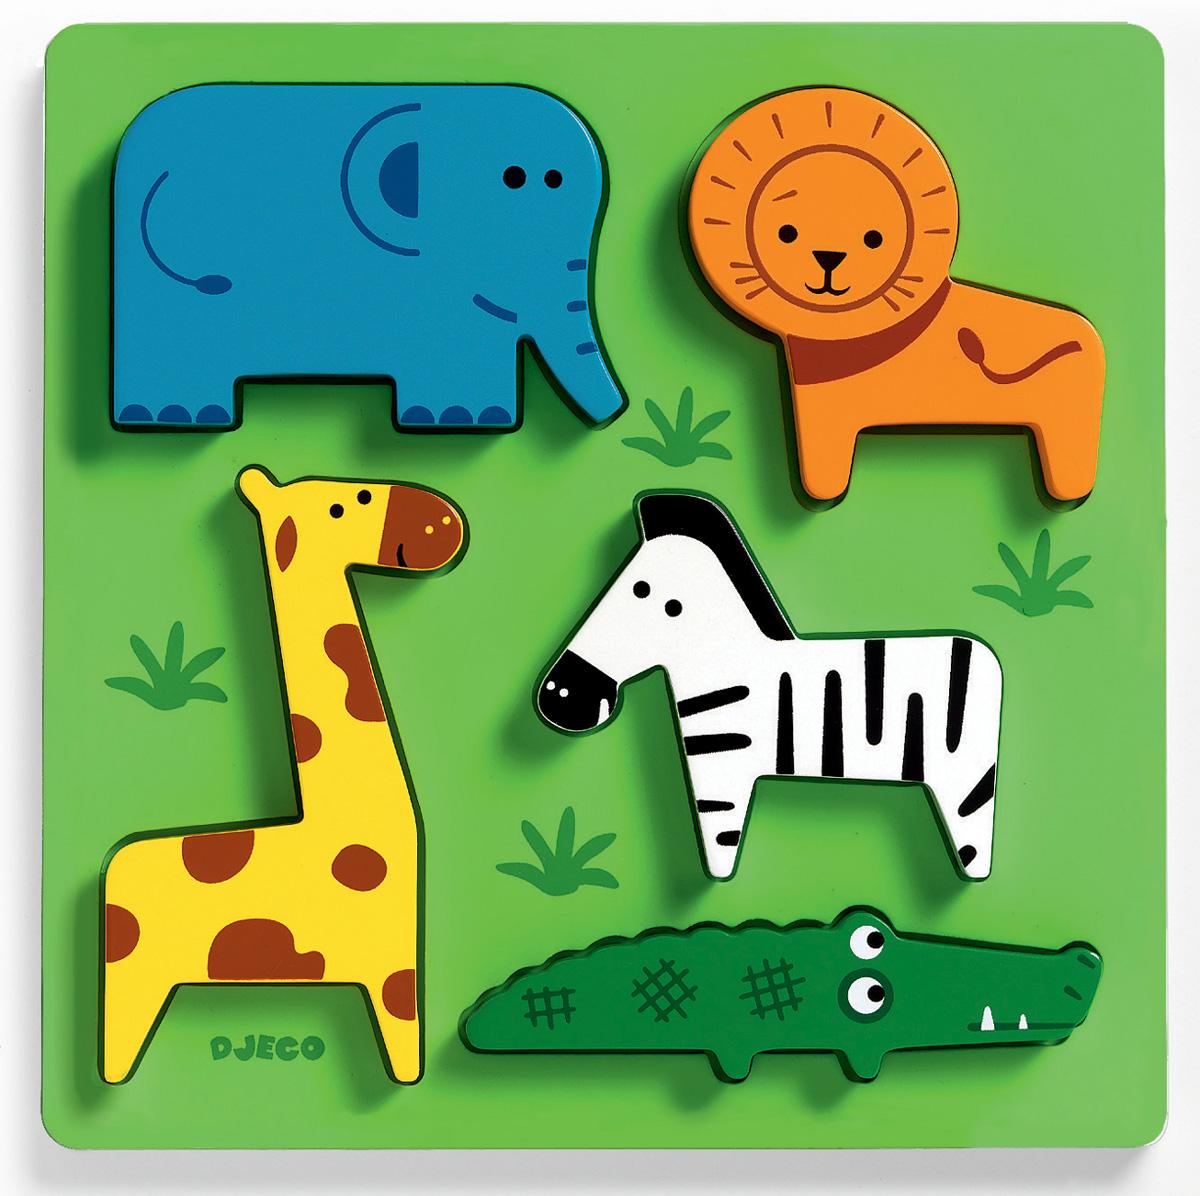 Djeco Пазл для малышей Животные сафари01023Рамка-вкладыш «Домашние животные» - первый пазл для Вашего малыша. Деревянная рамка-вкладыш способствует развитию мелкой моторики ребенка, кроме того, яркий пазл знакомит малыша с миром домашних животных. Малыш узнает, как выглядит утка, корова, кот, собака и осел.